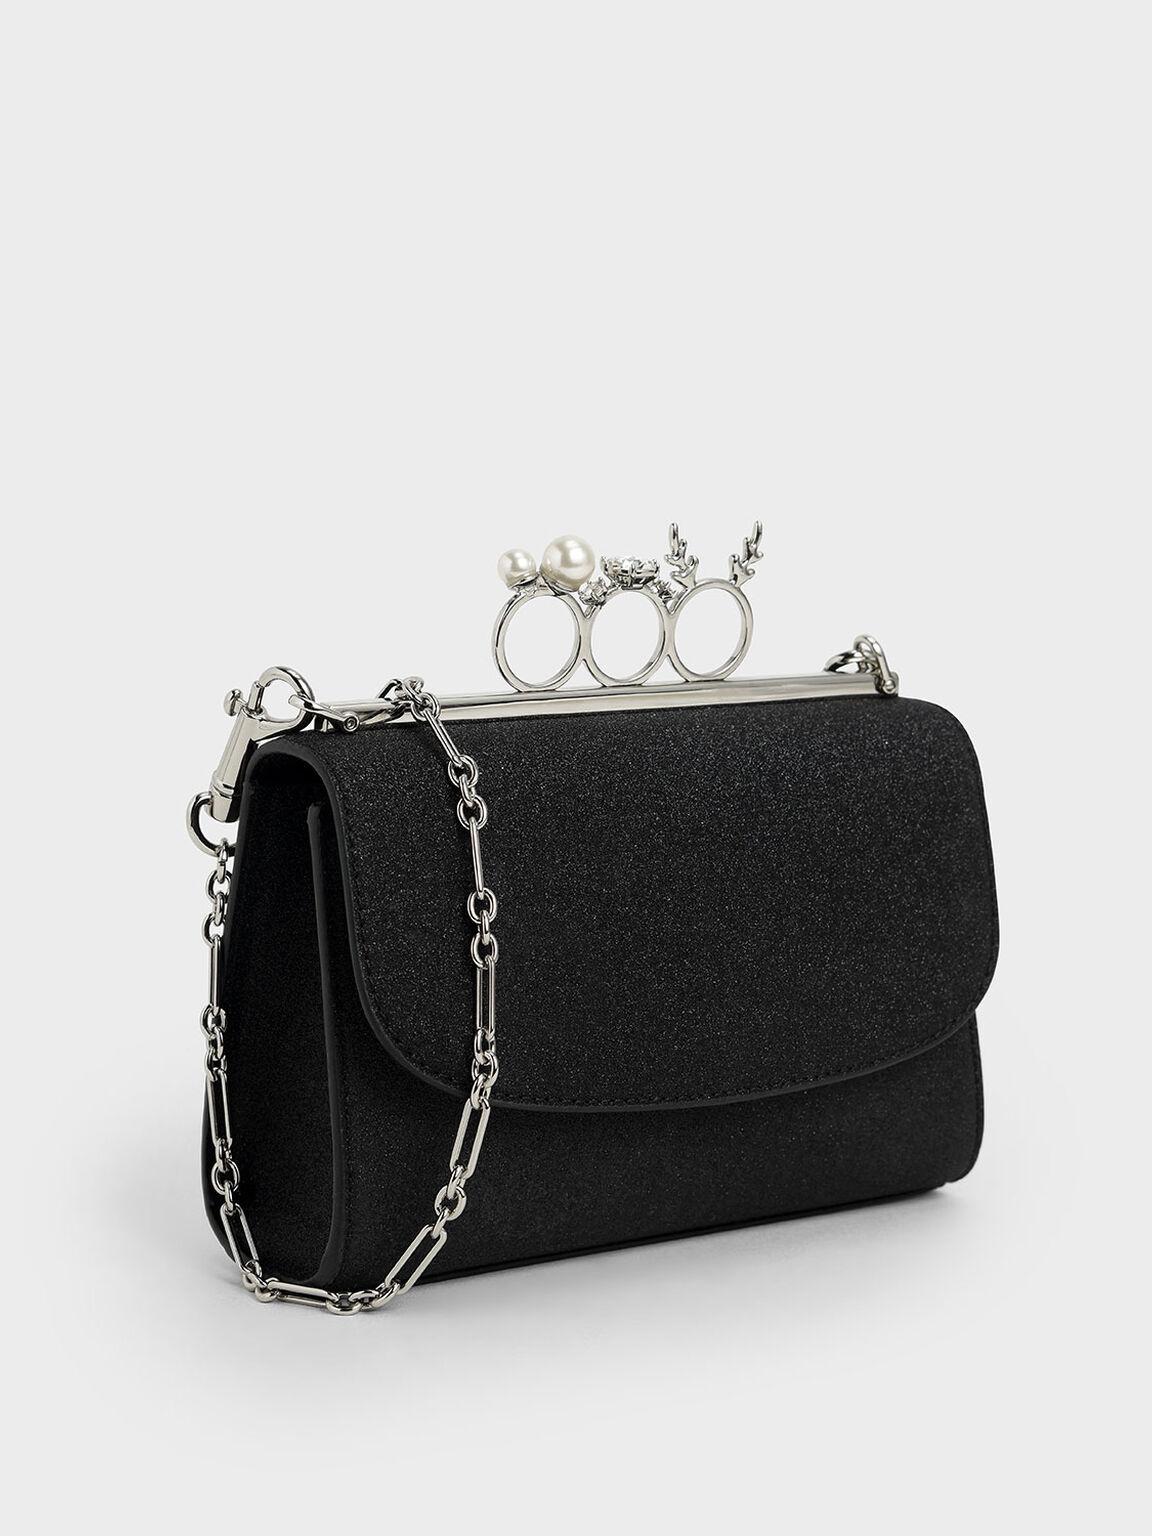 寶石環手拿包, 黑色特別款, hi-res